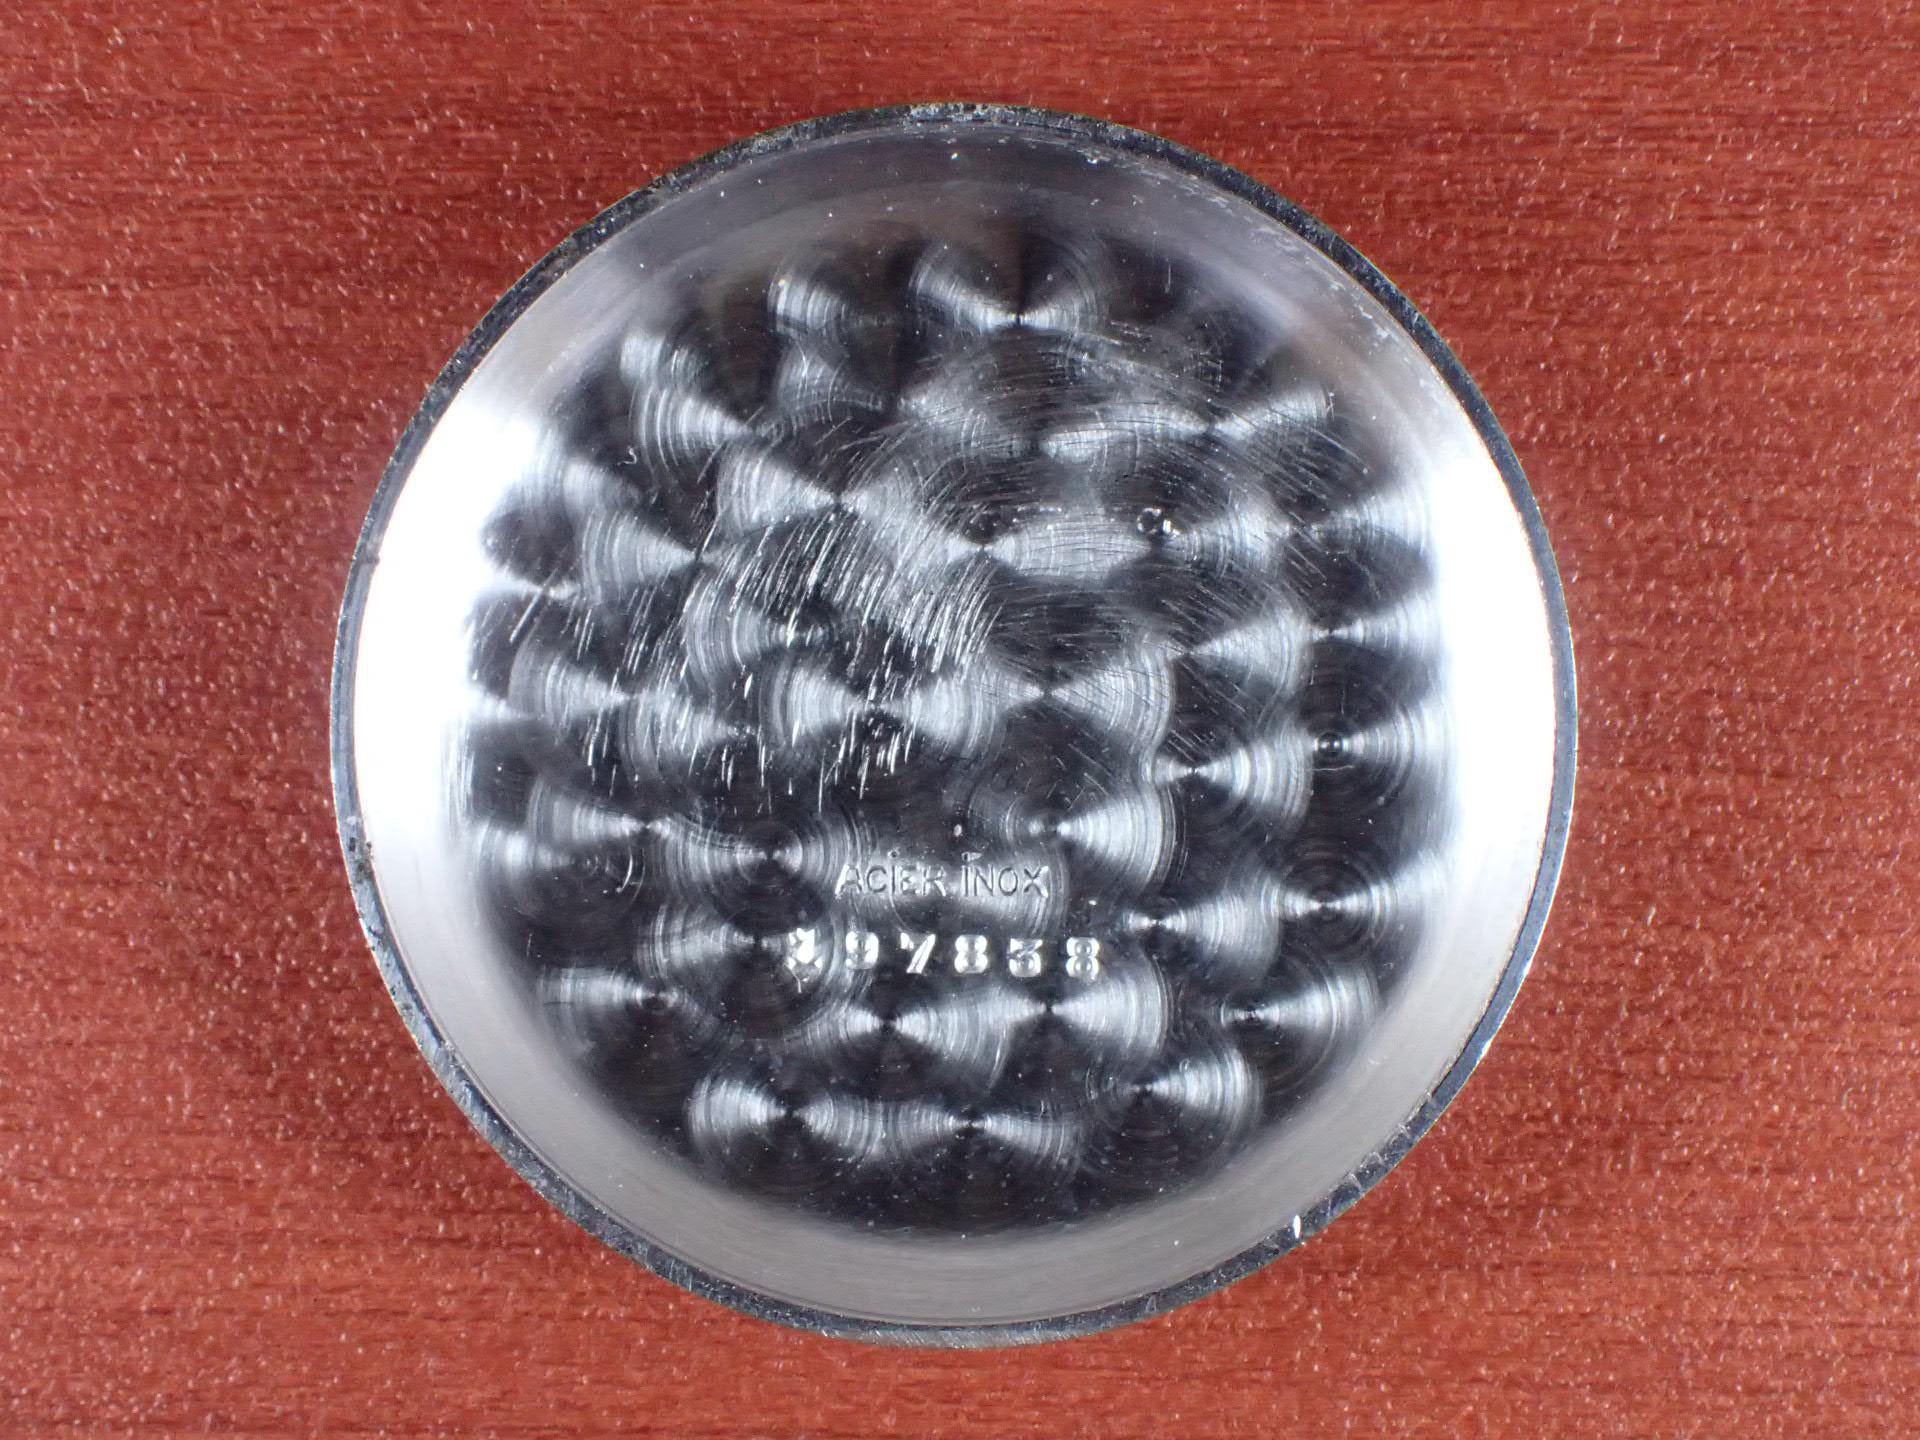 ミネルバ クロノグラフ Cal.Angelus215 ブラックミラーダイアル 1940年代の写真6枚目